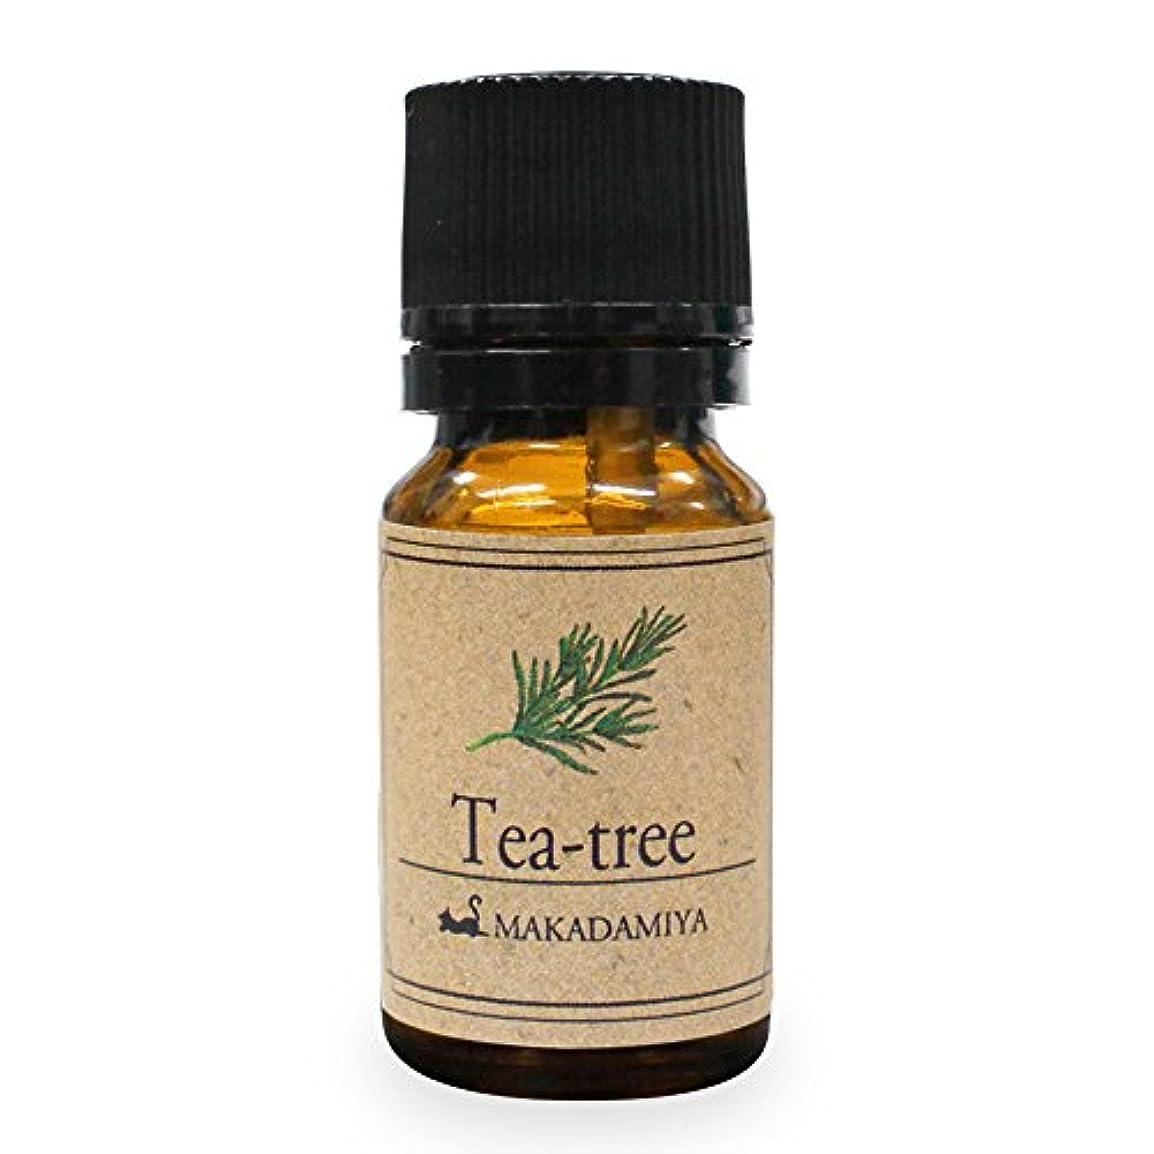 仕える必要条件より良いティーツリー10ml 天然100%植物性 エッセンシャルオイル(精油) アロマオイル アロママッサージ aroma Tea-tree